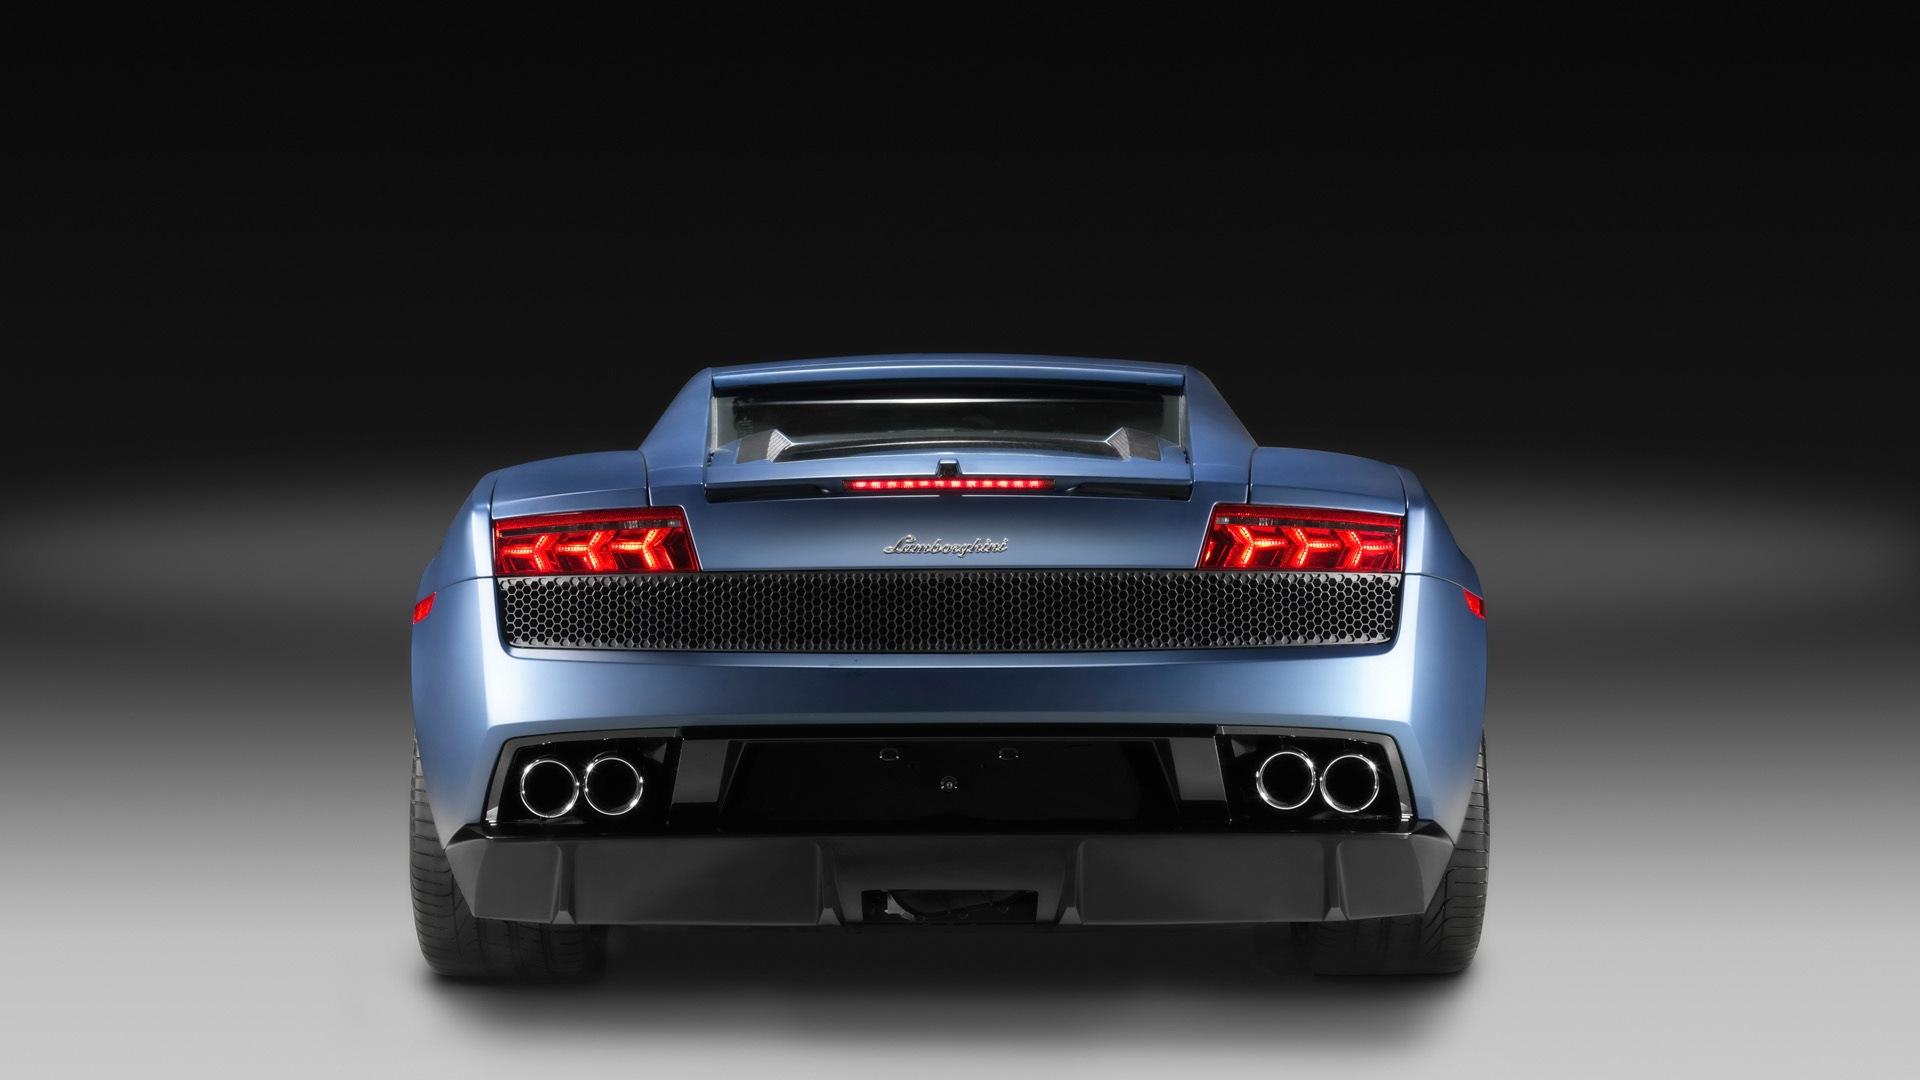 Superb Lamborghini Gallardo Backlight Google Plus Cover Awesome Ideas